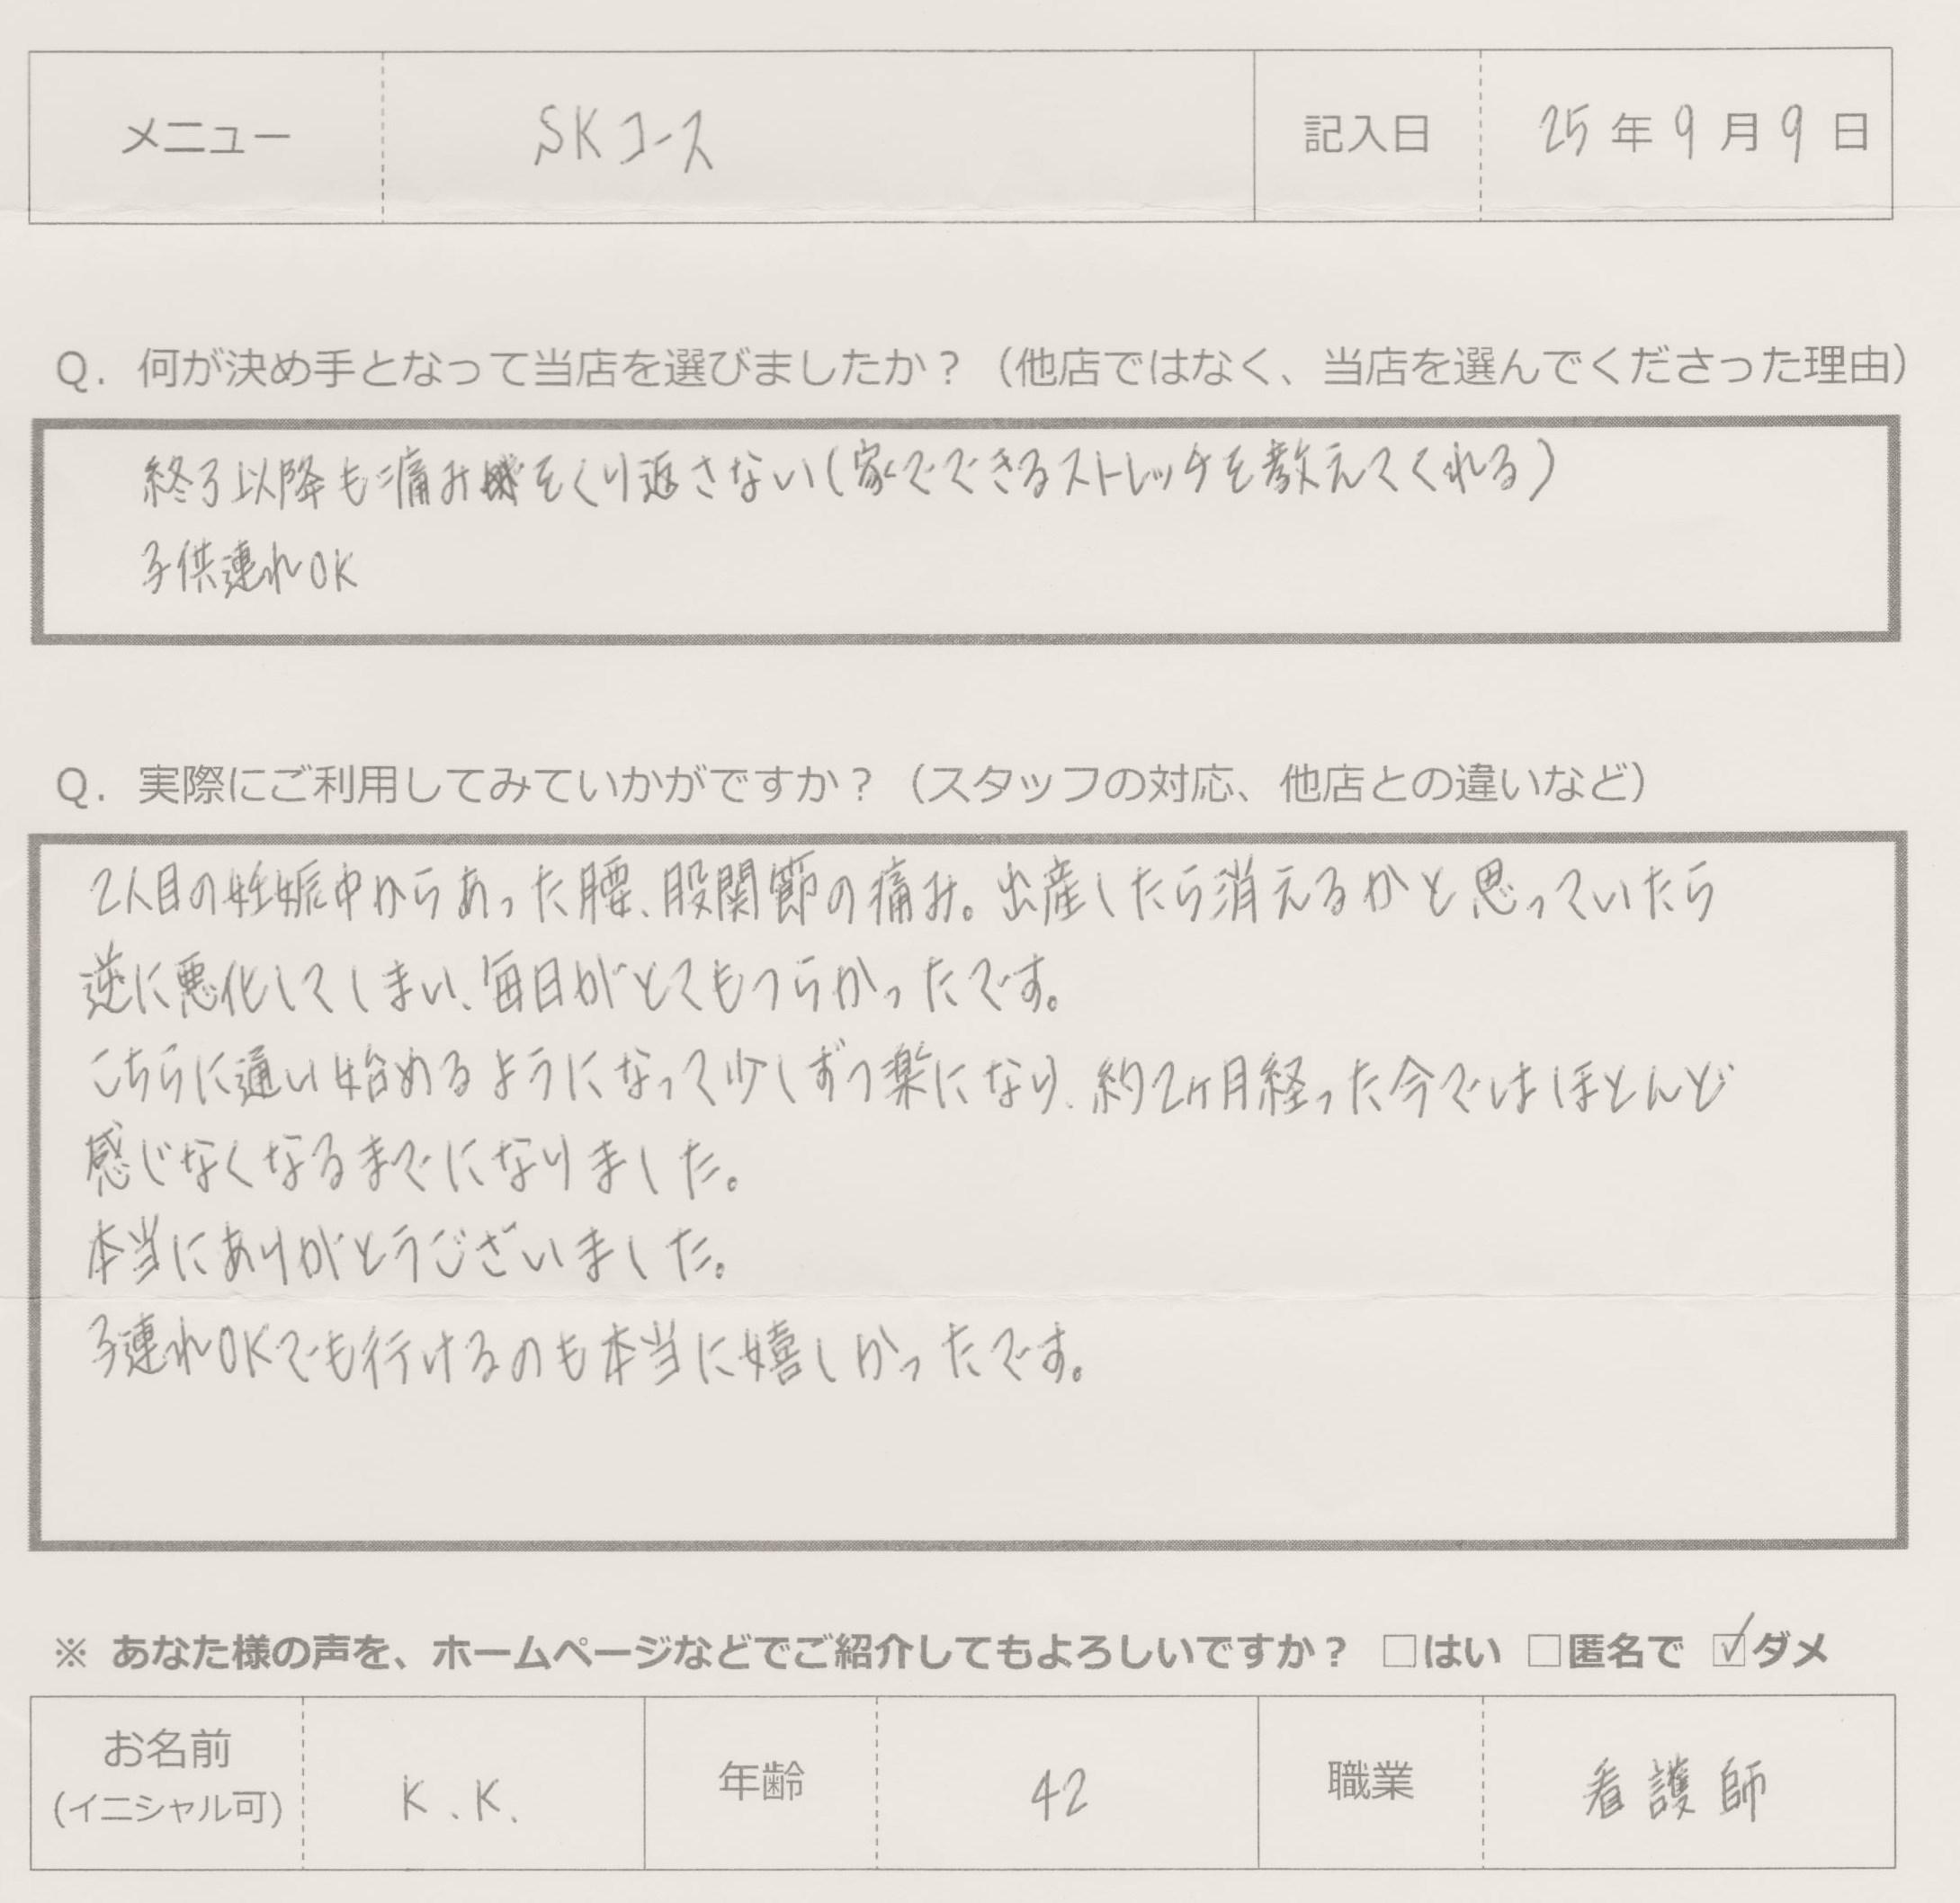 お客様の声 2013.9.9 k.k様